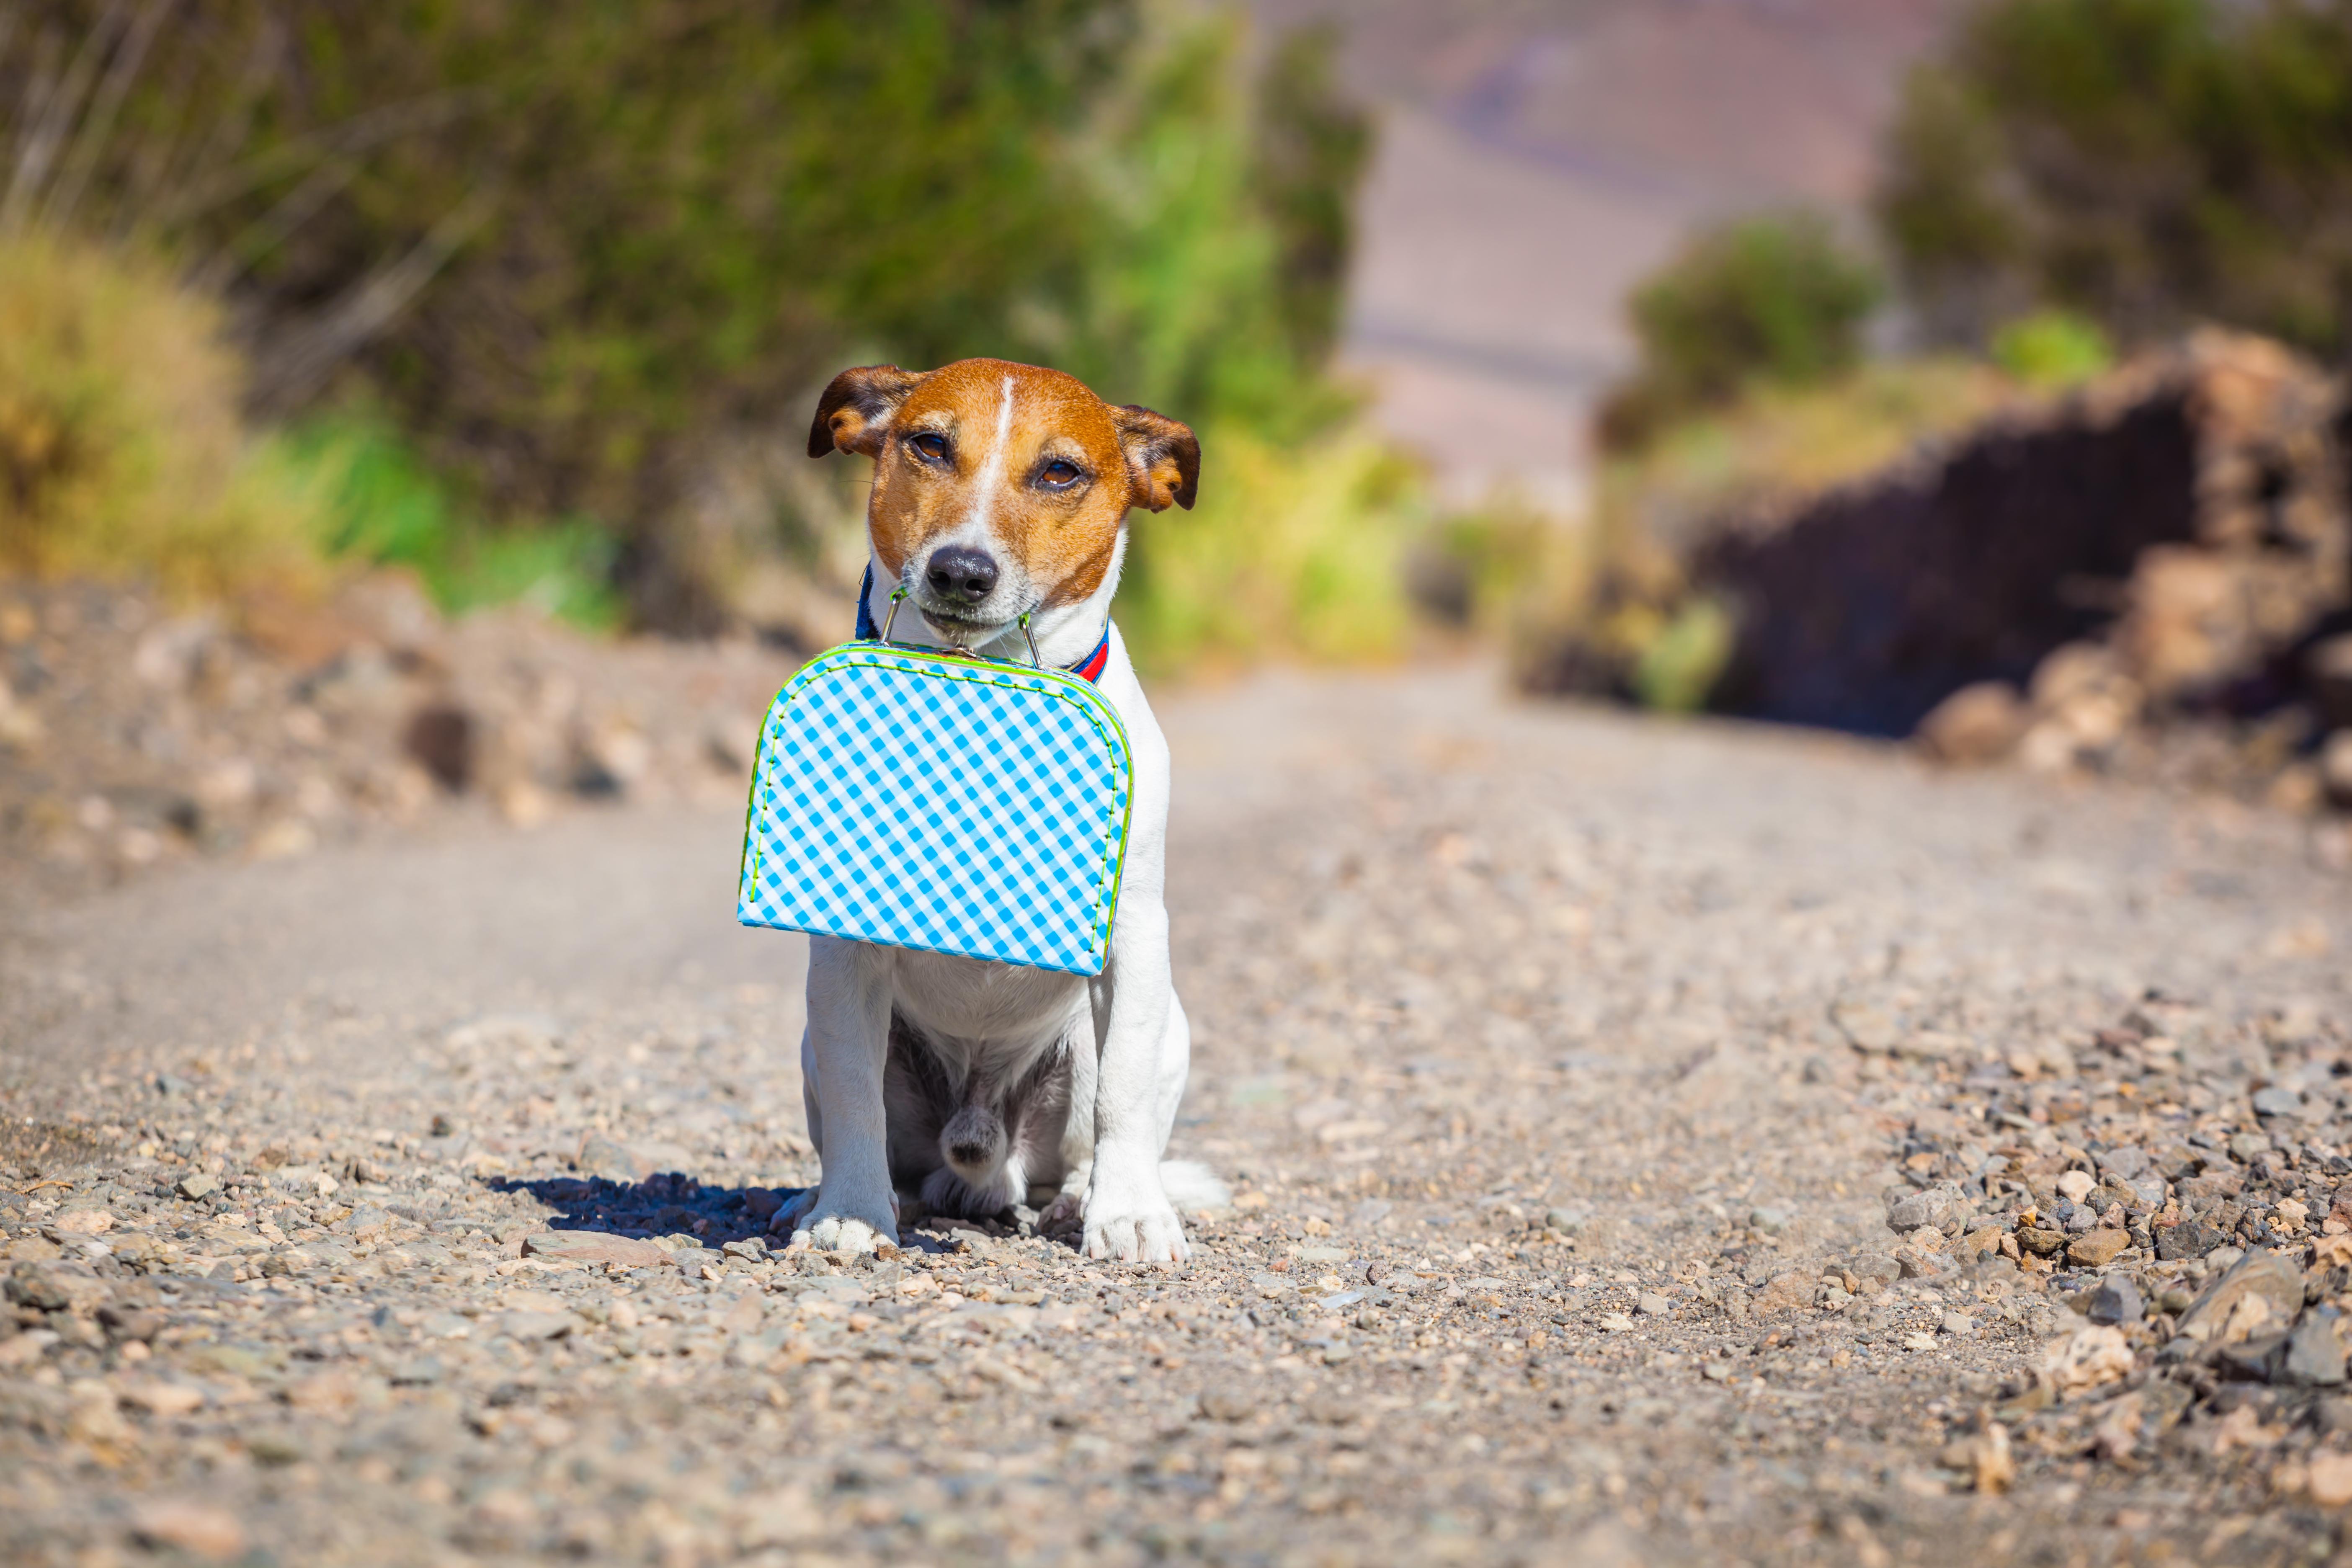 Att ta hunden eller katten på resan är ett angeläget ämne för många svenskar då det beräknas finnas cirka 784 000 hundar respektive 1 159 katter i landet.